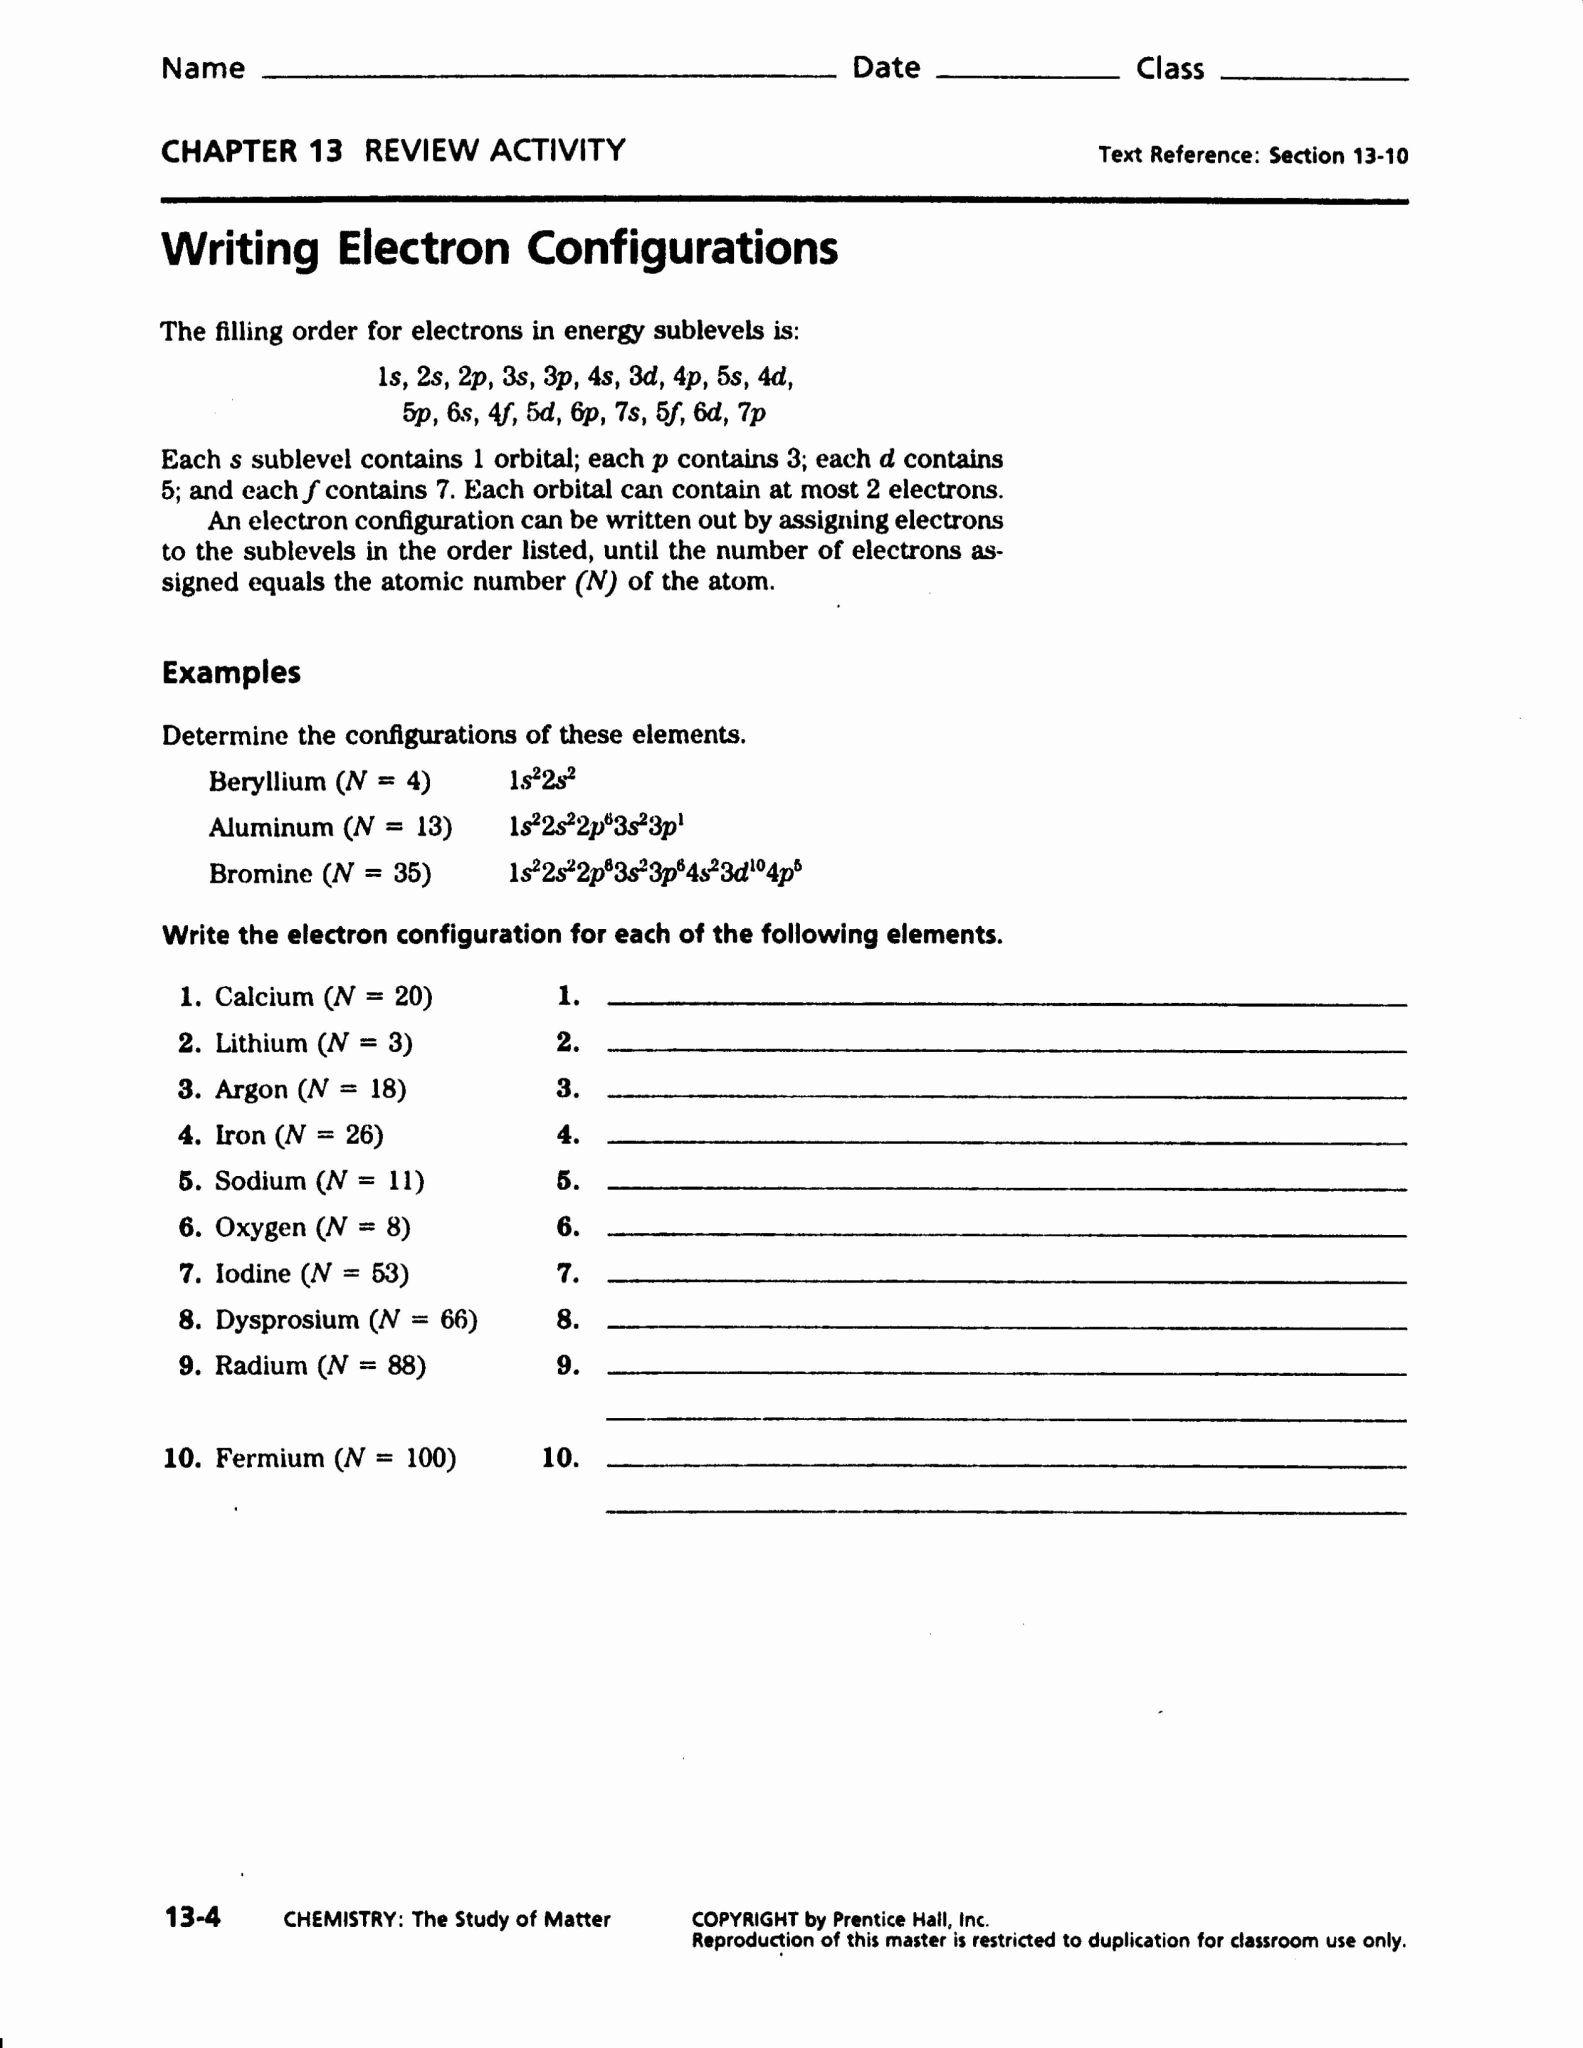 Electron Configuration Practice Worksheet Lovely Protons Neutrons And Electrons Practice Workshee In 2020 Chemistry Worksheets Electron Configuration Matter Worksheets